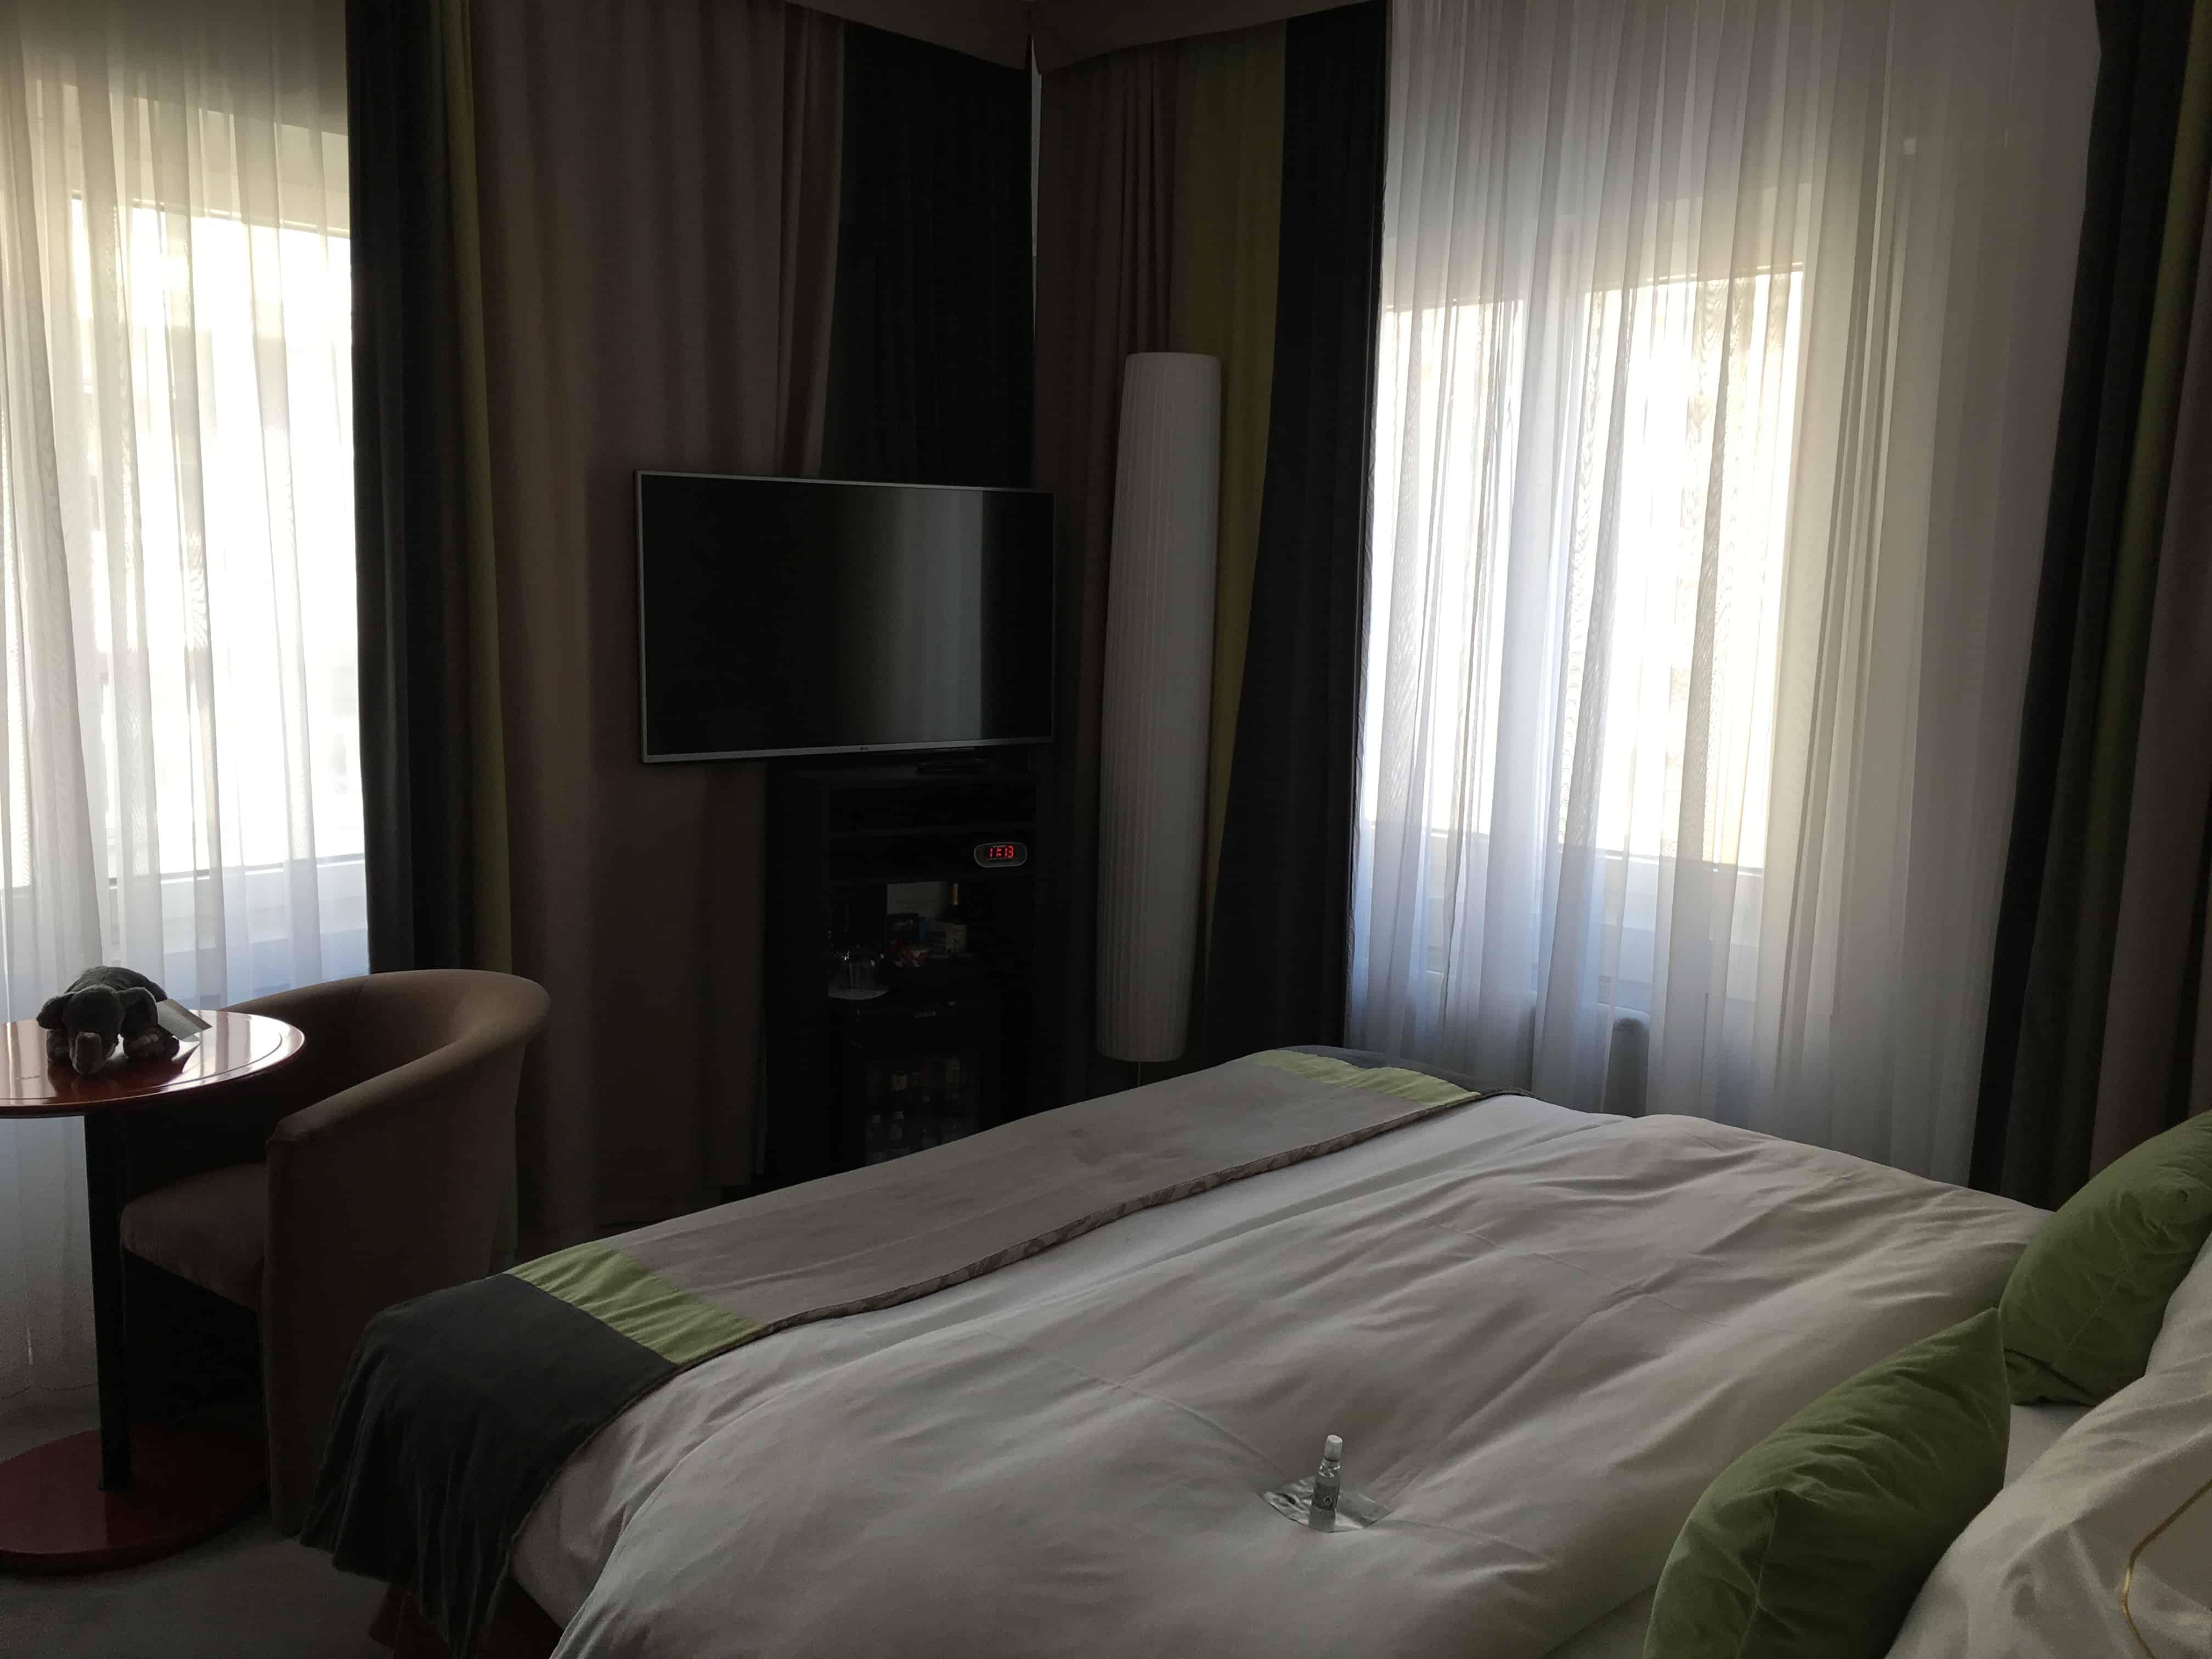 Quarto do hotel de luxo em Ljubliana